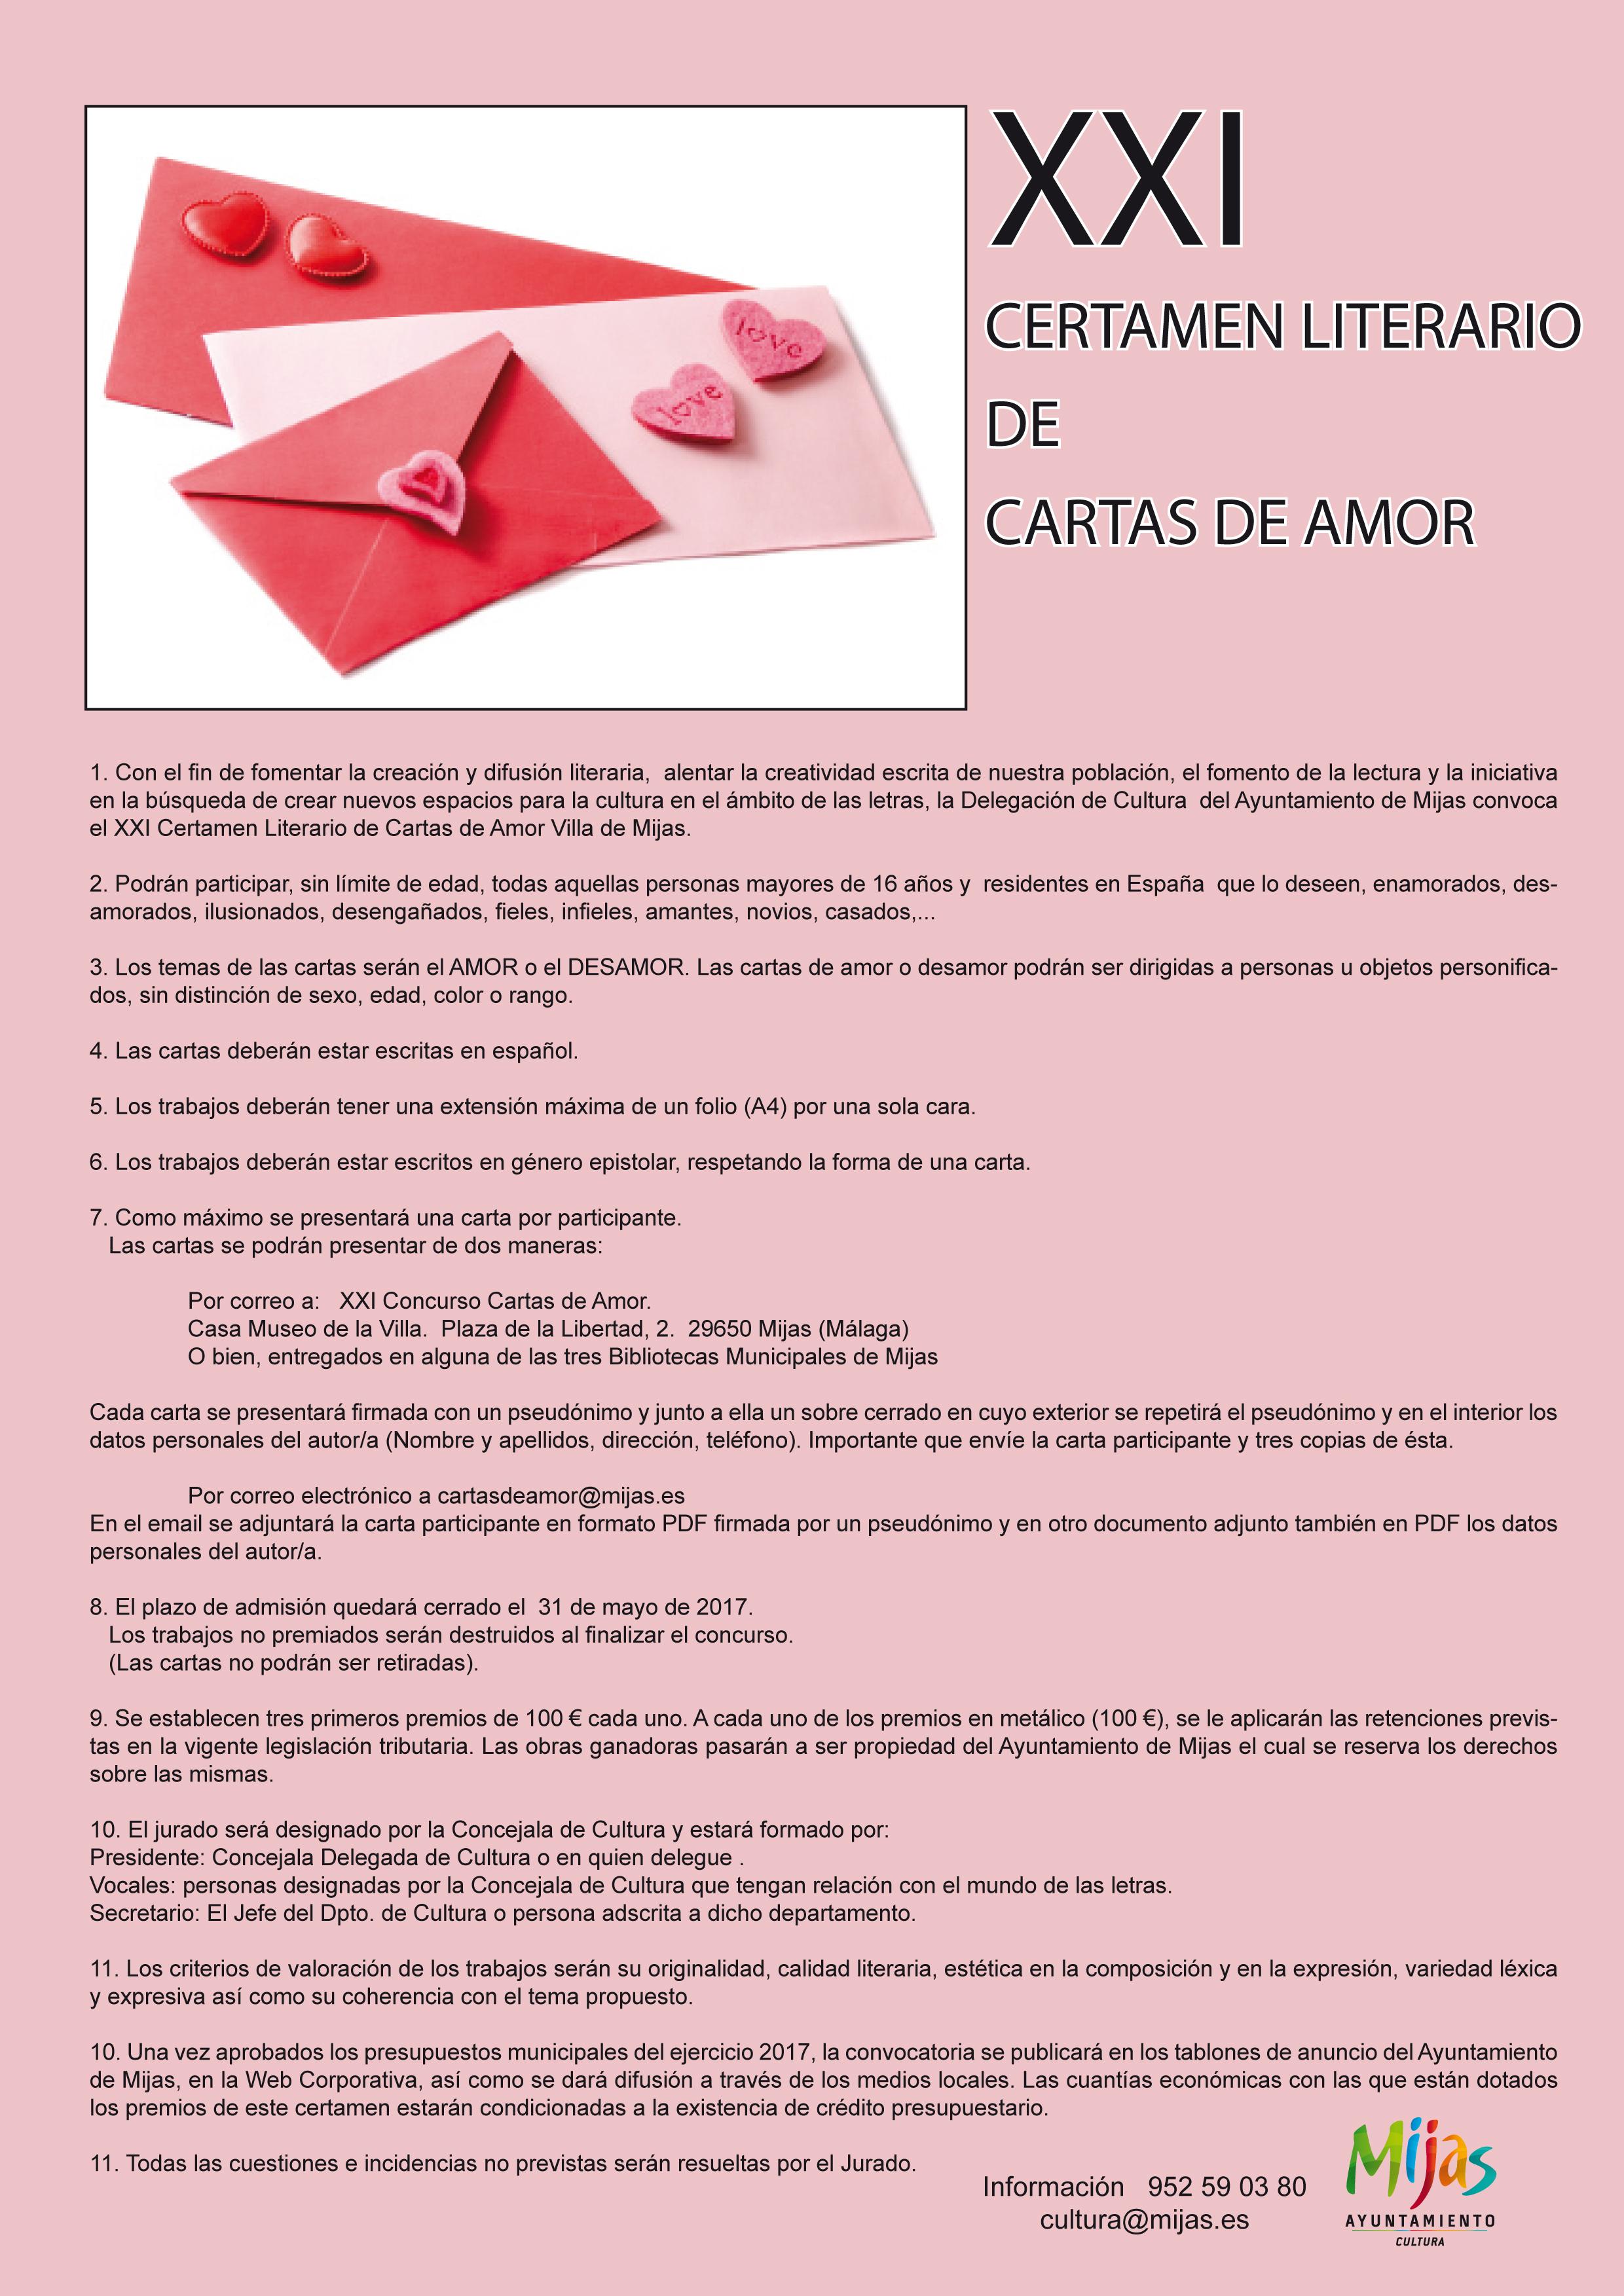 Xxi Certamen Literario De Cartas De Amor Villa De Mijas España